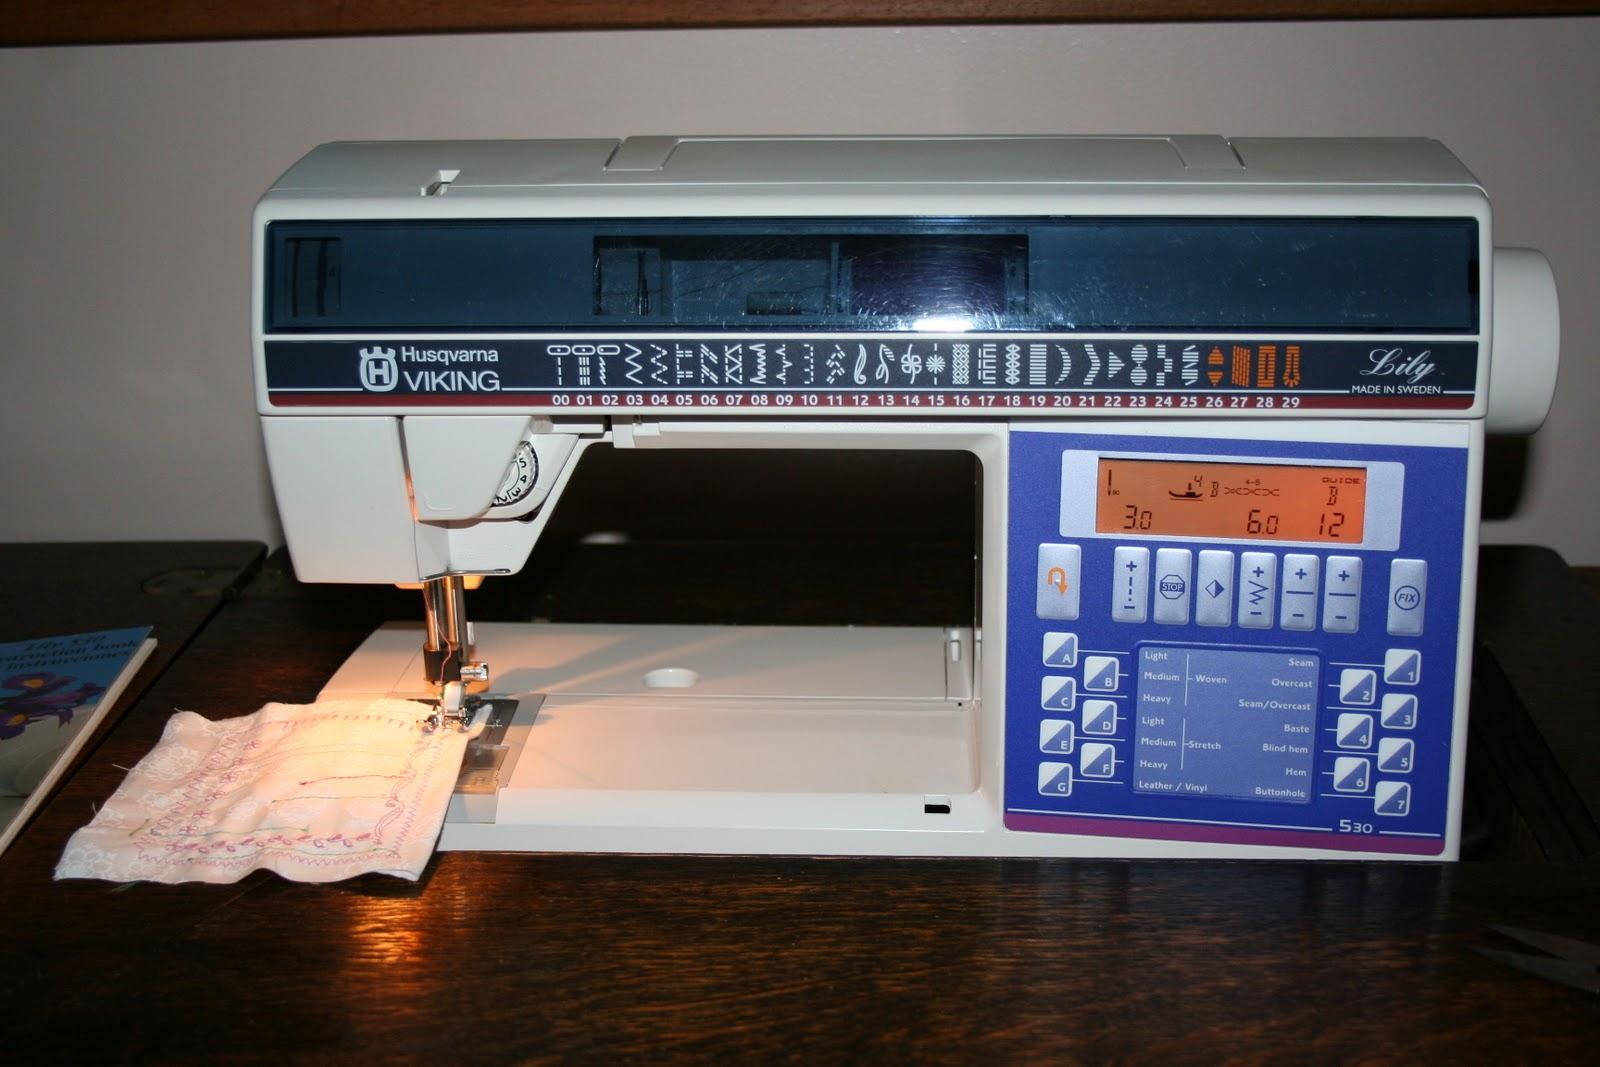 husqvarna viking 500 computer sewing machine